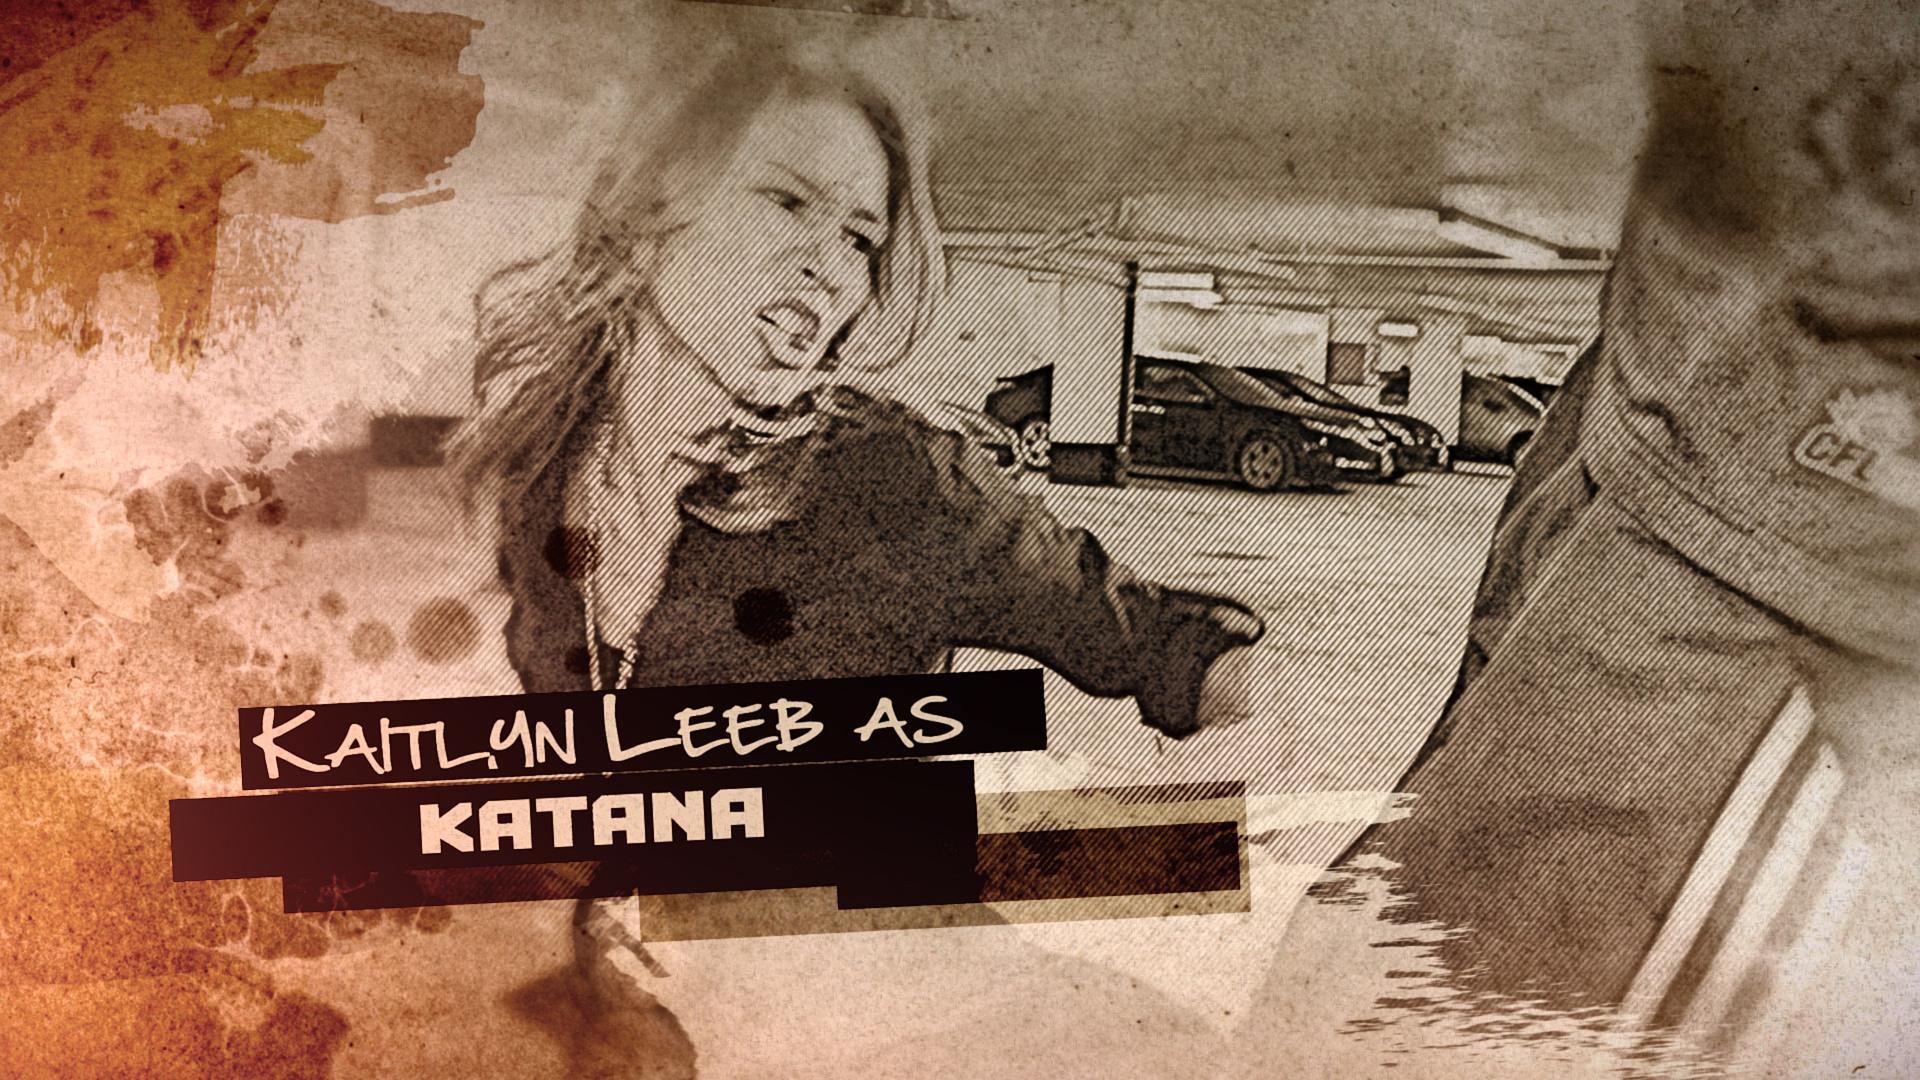 Kaitlyn Leeb as KATANA